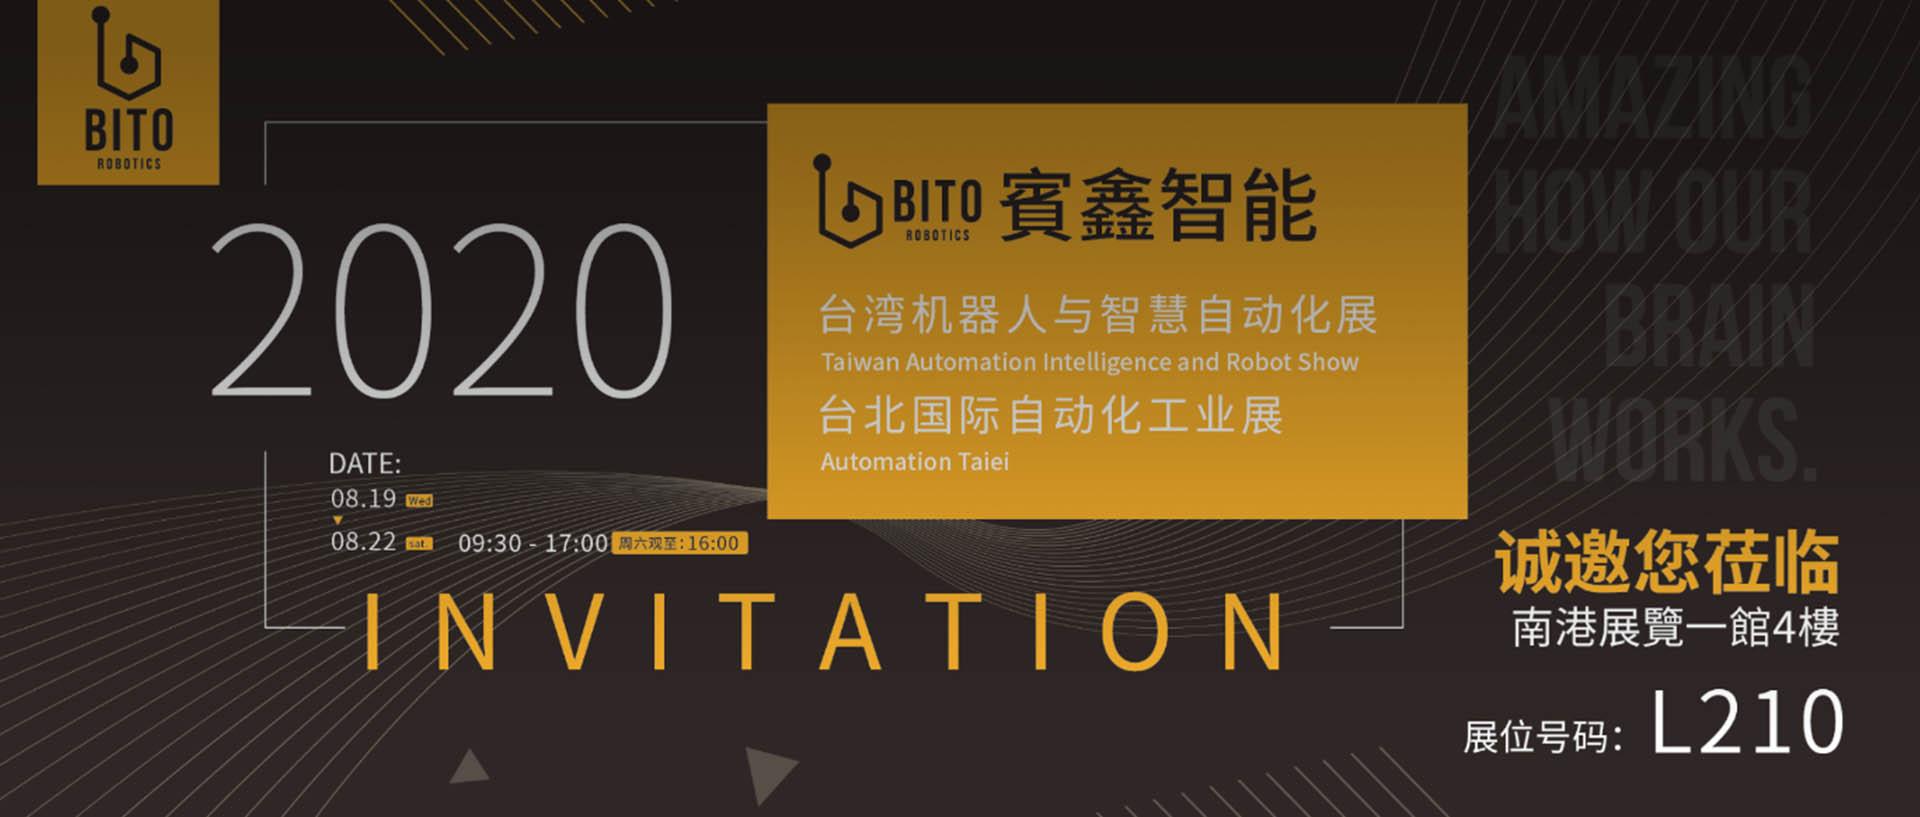 展会预告|宾鑫智能亮相2020台北自动化展 8月我们等你,共赴台湾之约